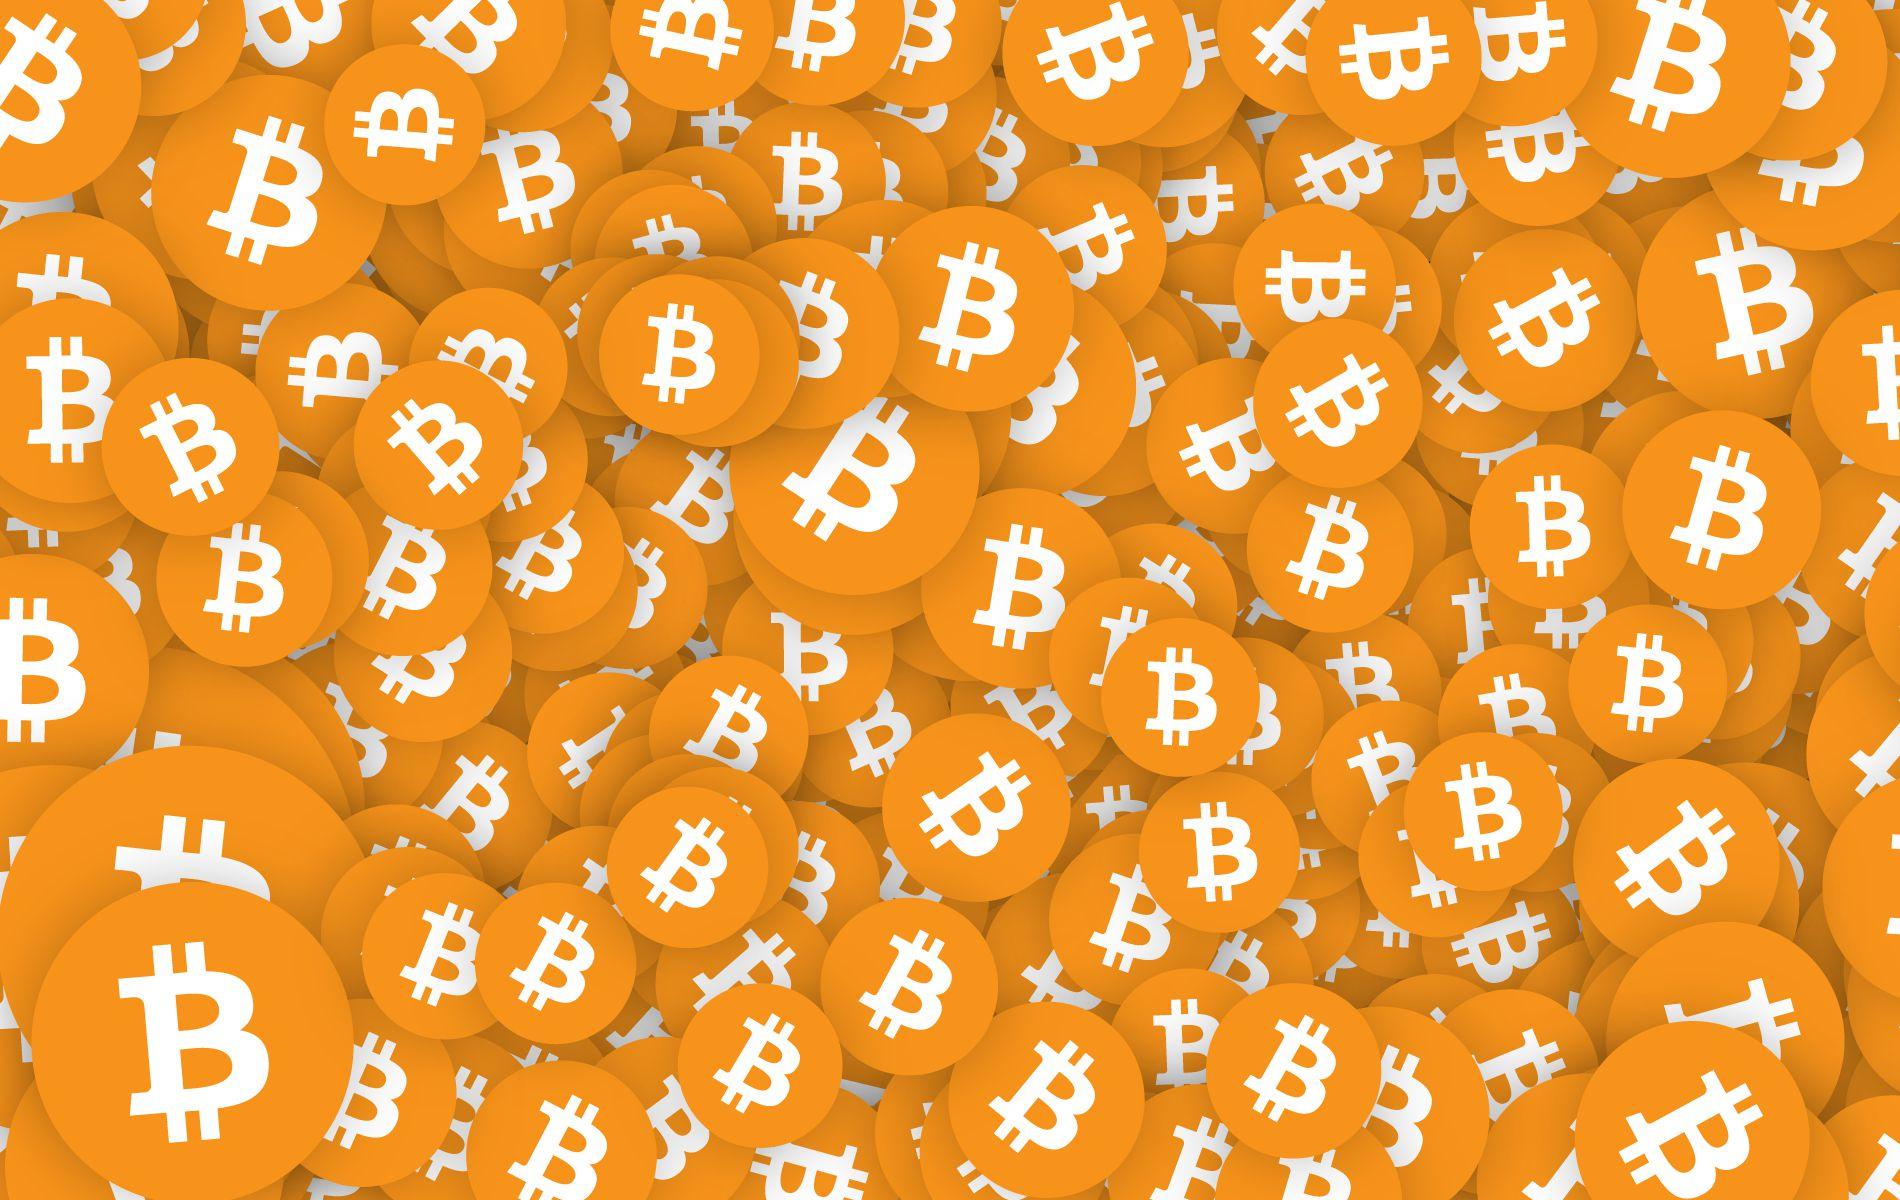 Orange Bitcoin Logos Wallpaper 1900x1200